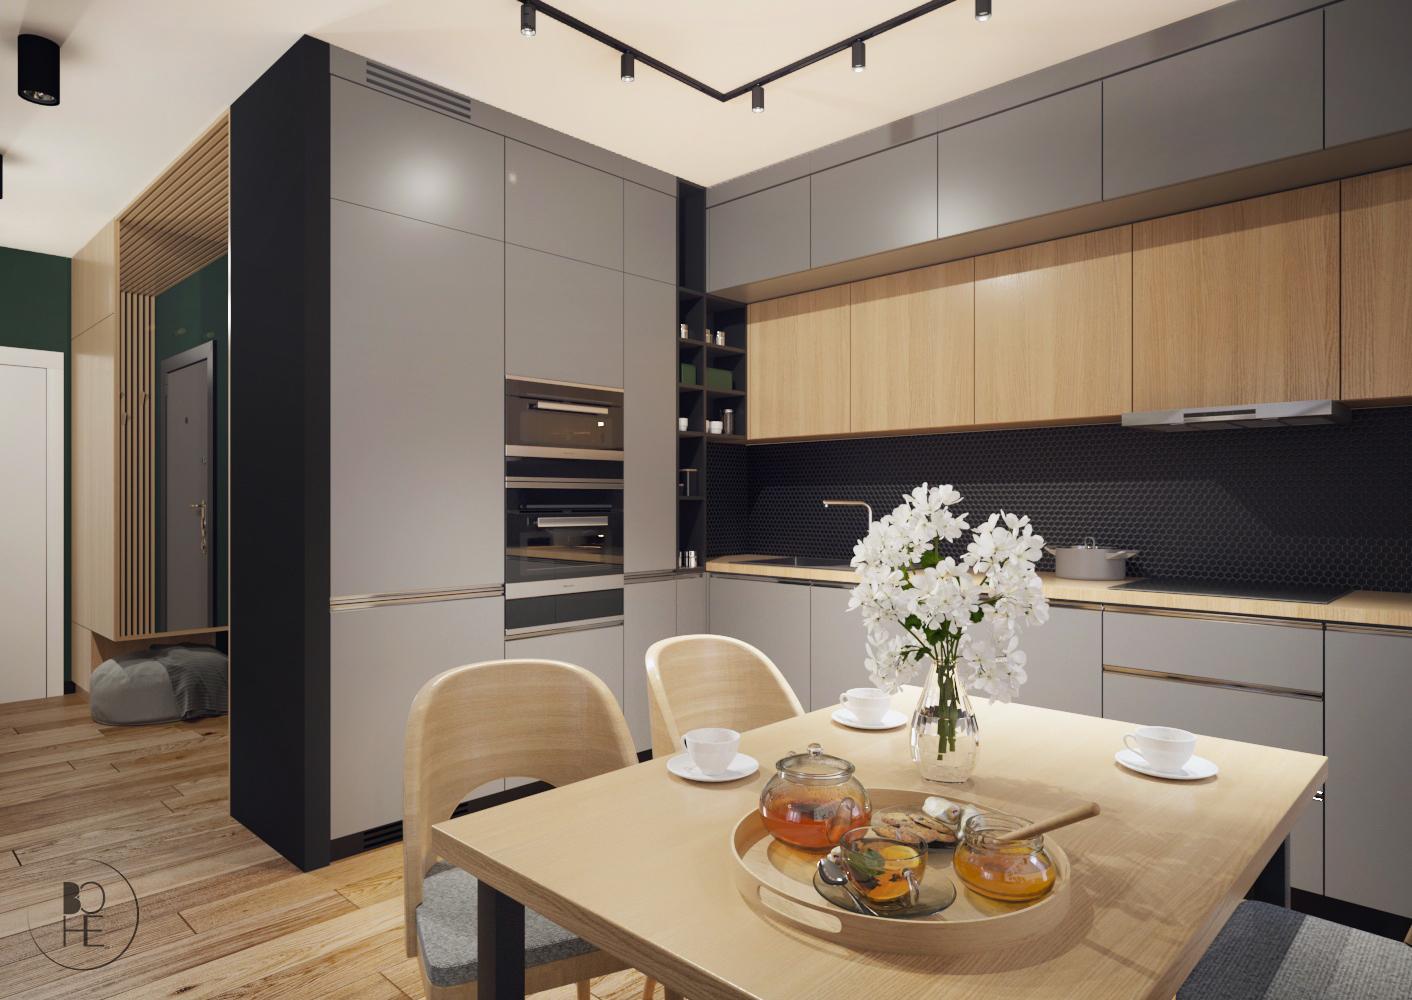 biuro projektowe Łódź aranżacja kuchni ze stołem z drewnianymi krzesłami